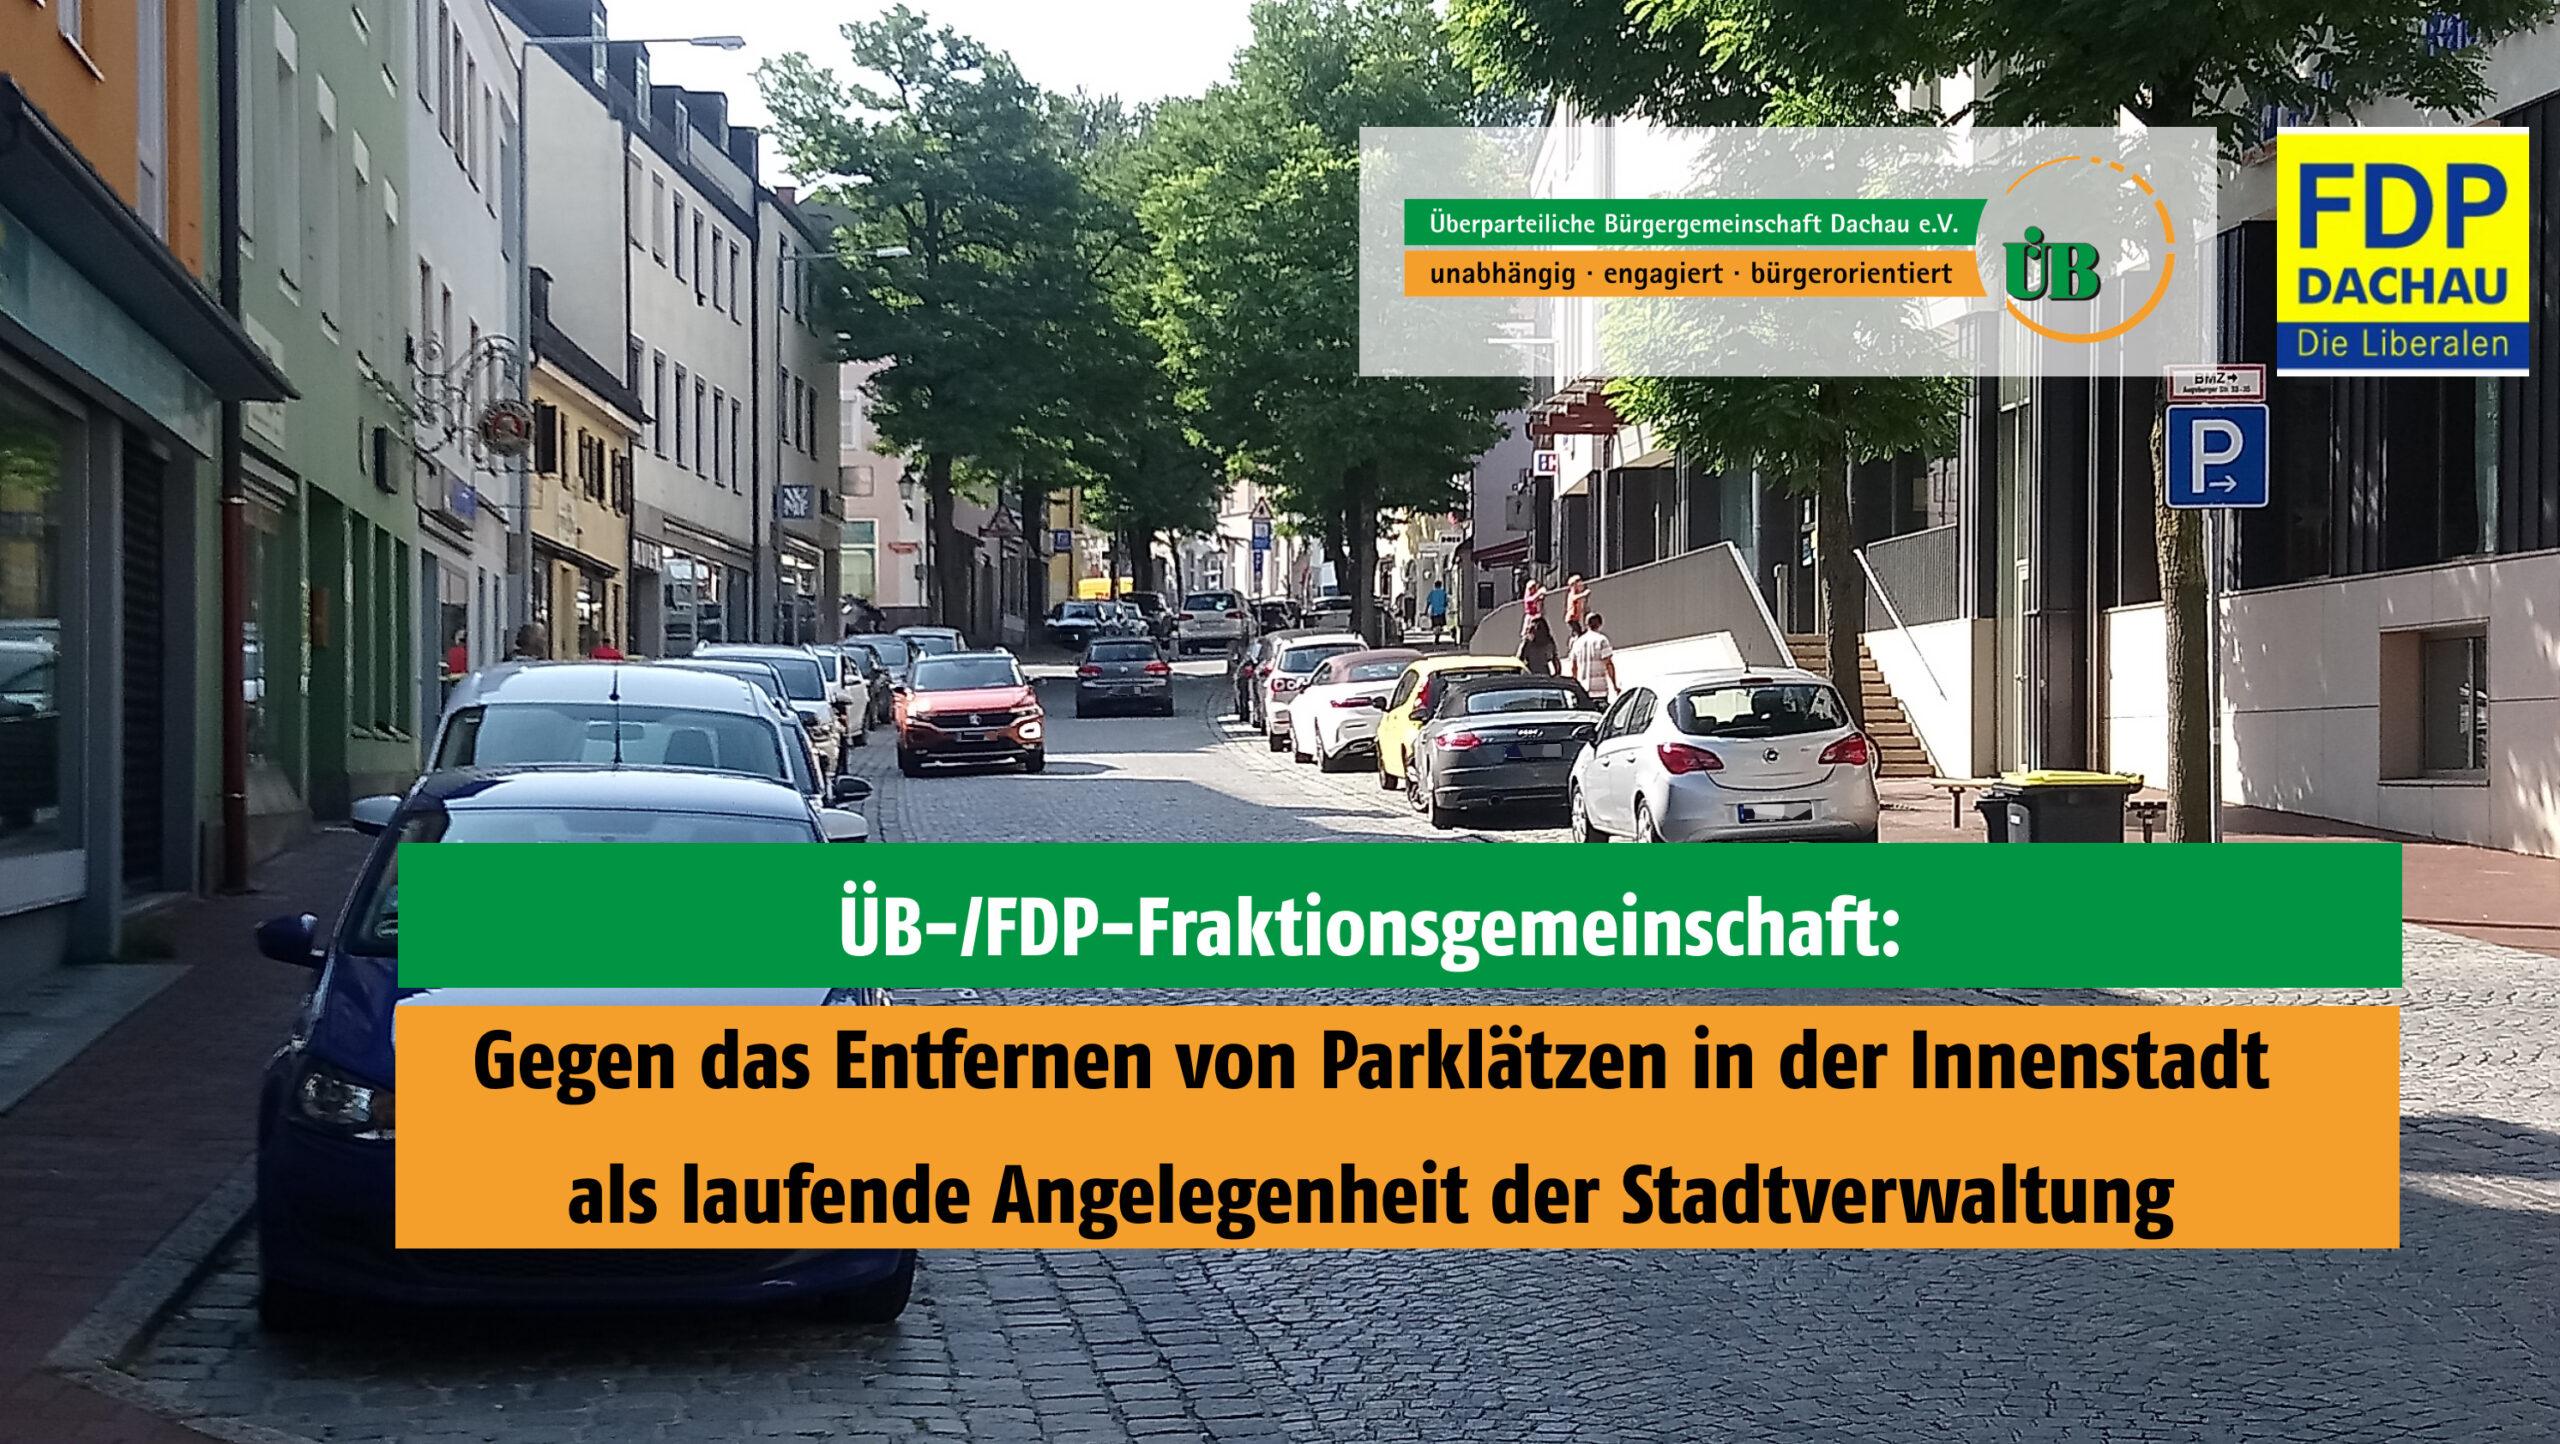 ÜB/FDP sind gegen das Entfernen von Parkplätzen in Dachau ohne Beteiligung des Stadtrats.